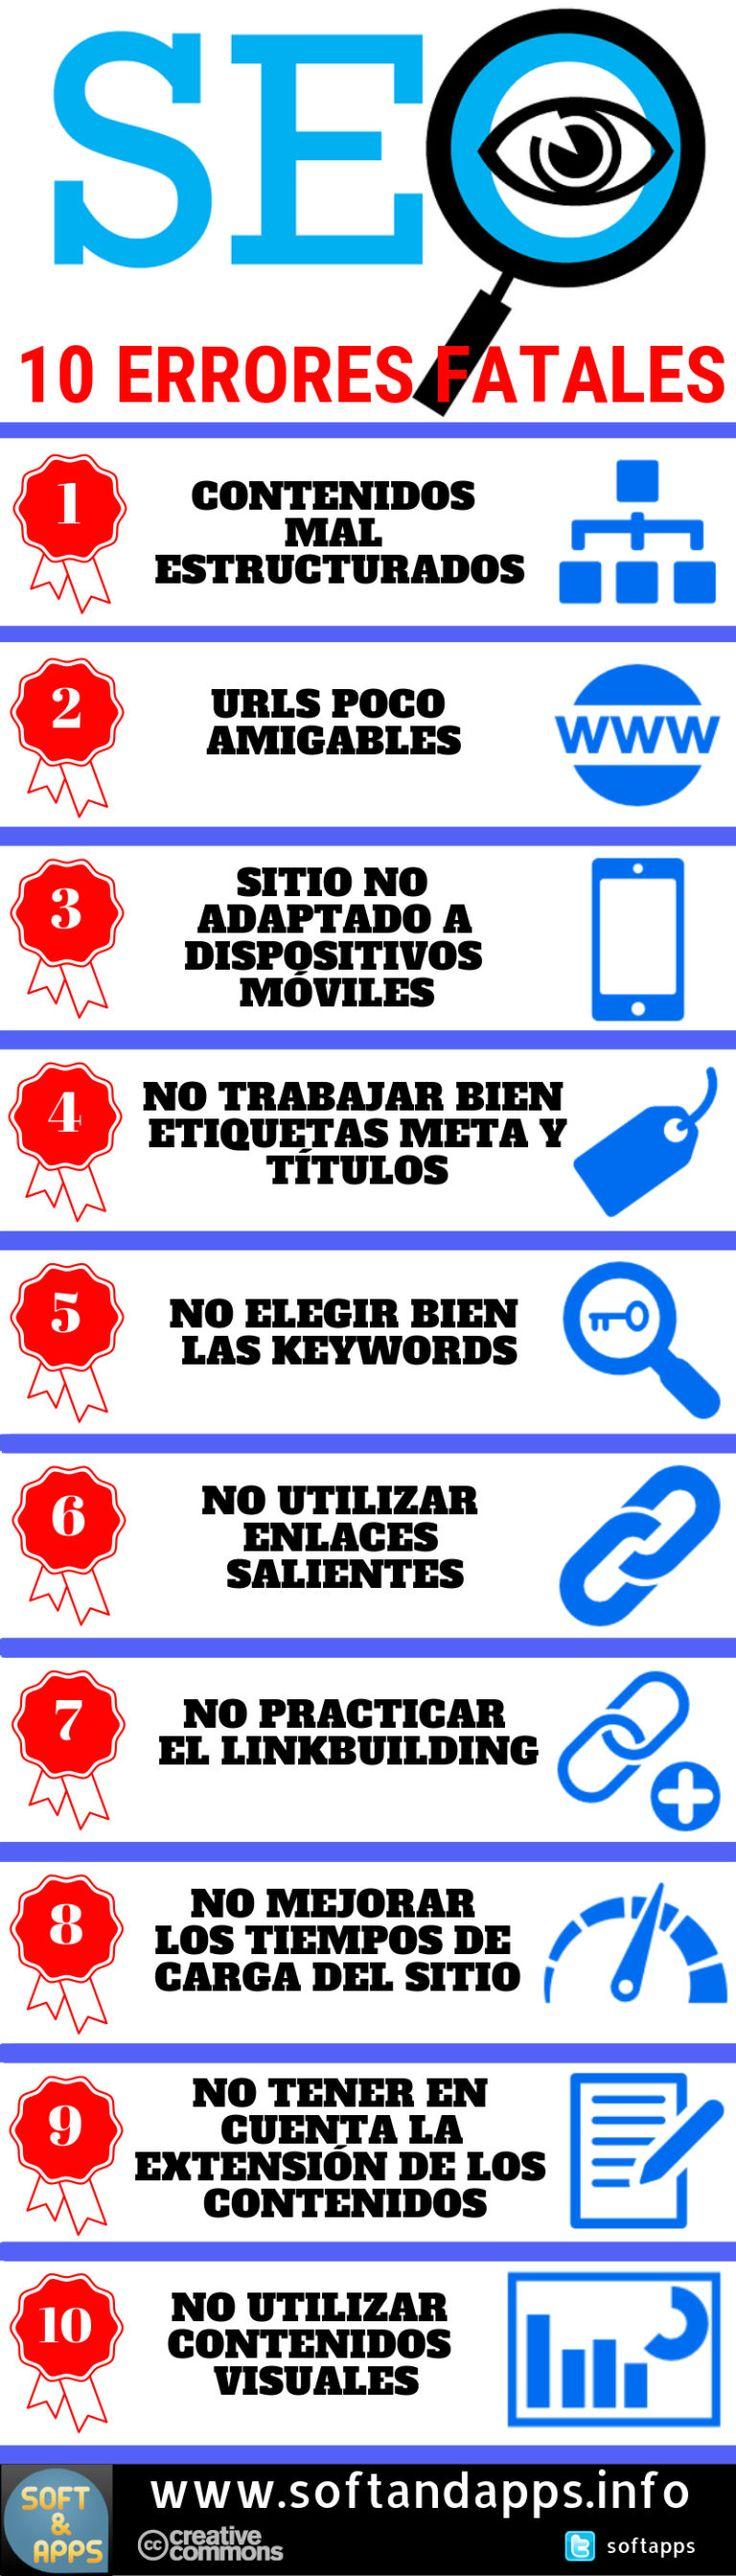 Posicionamiento SEO 10 errores fatales que no debes cometer, es el título de una infografía con los errores a evitar para no perder el ranking de tu web.